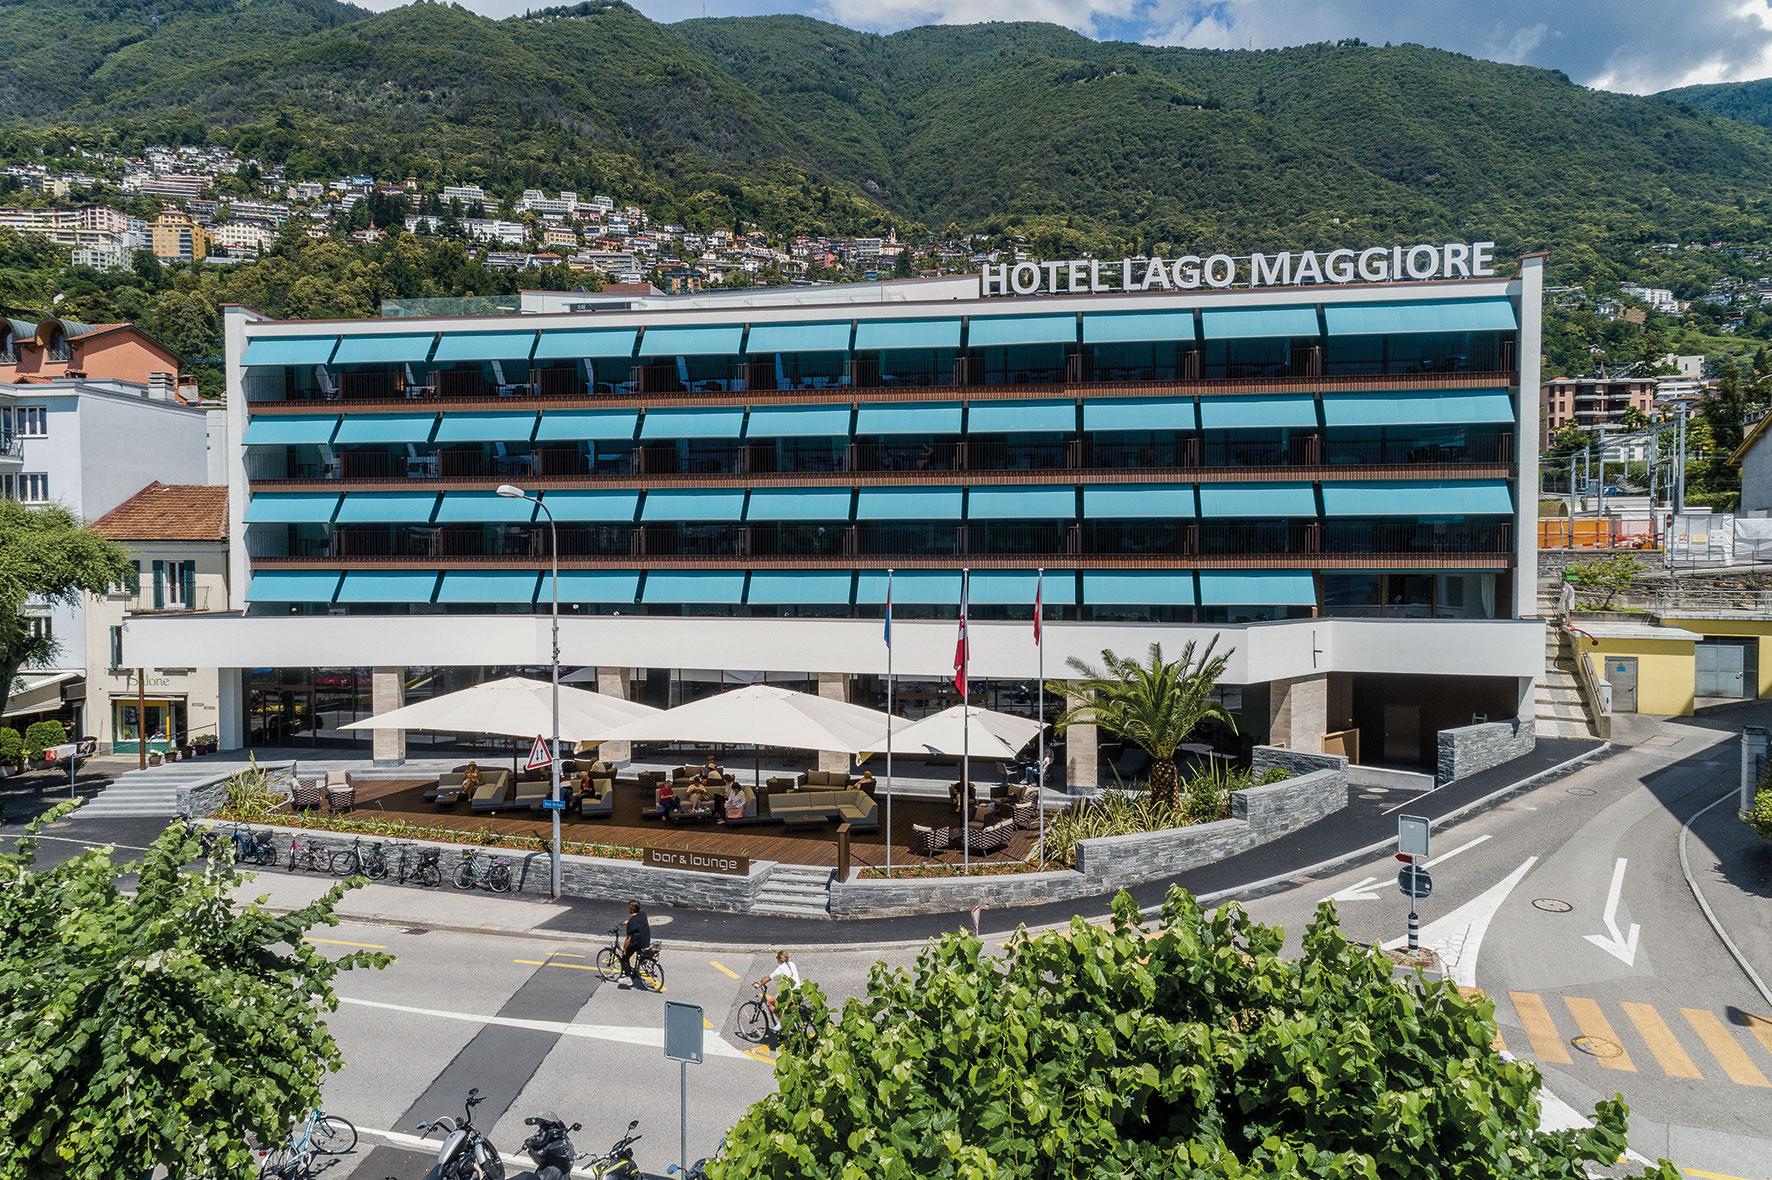 Hotel & Lounge LAGO MAGGIORE 11